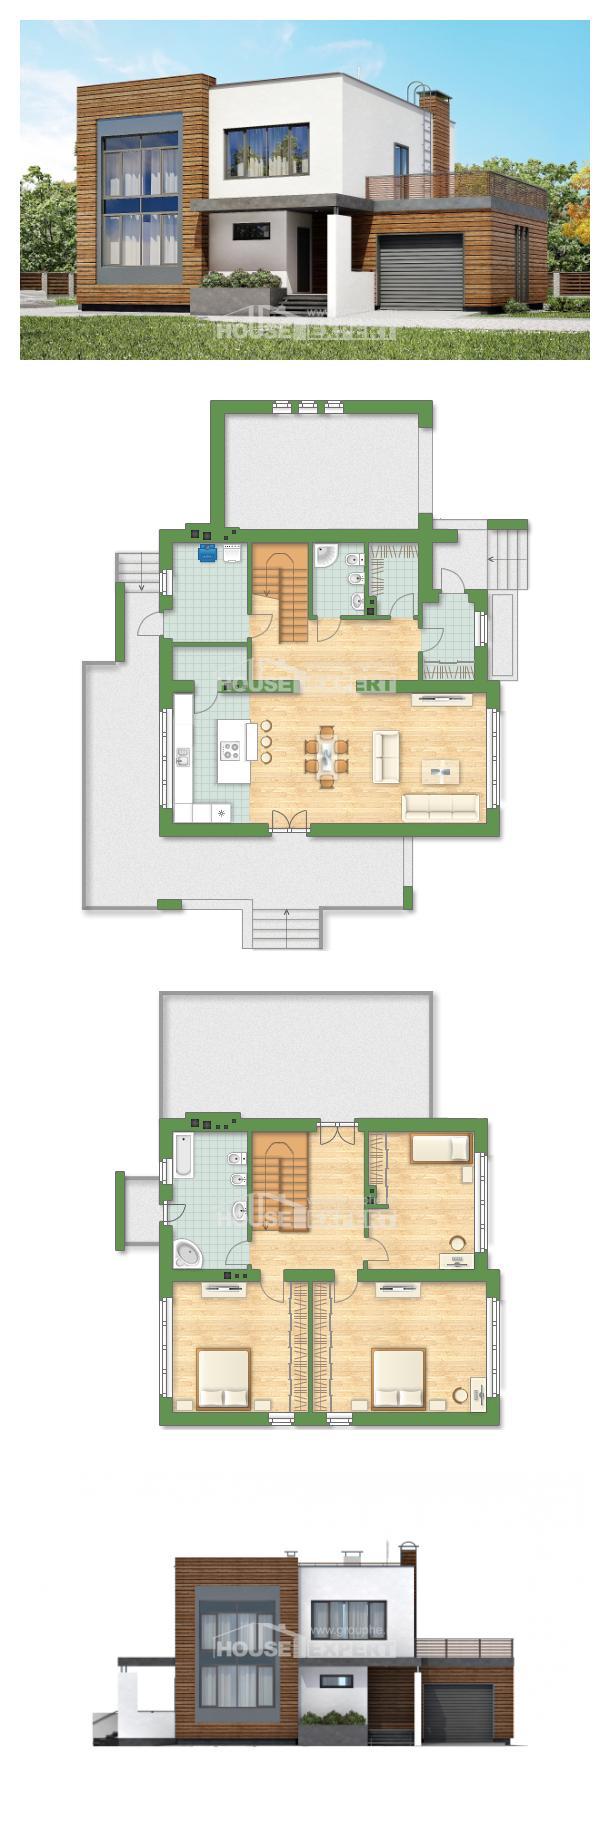 Plan 220-003-R | House Expert